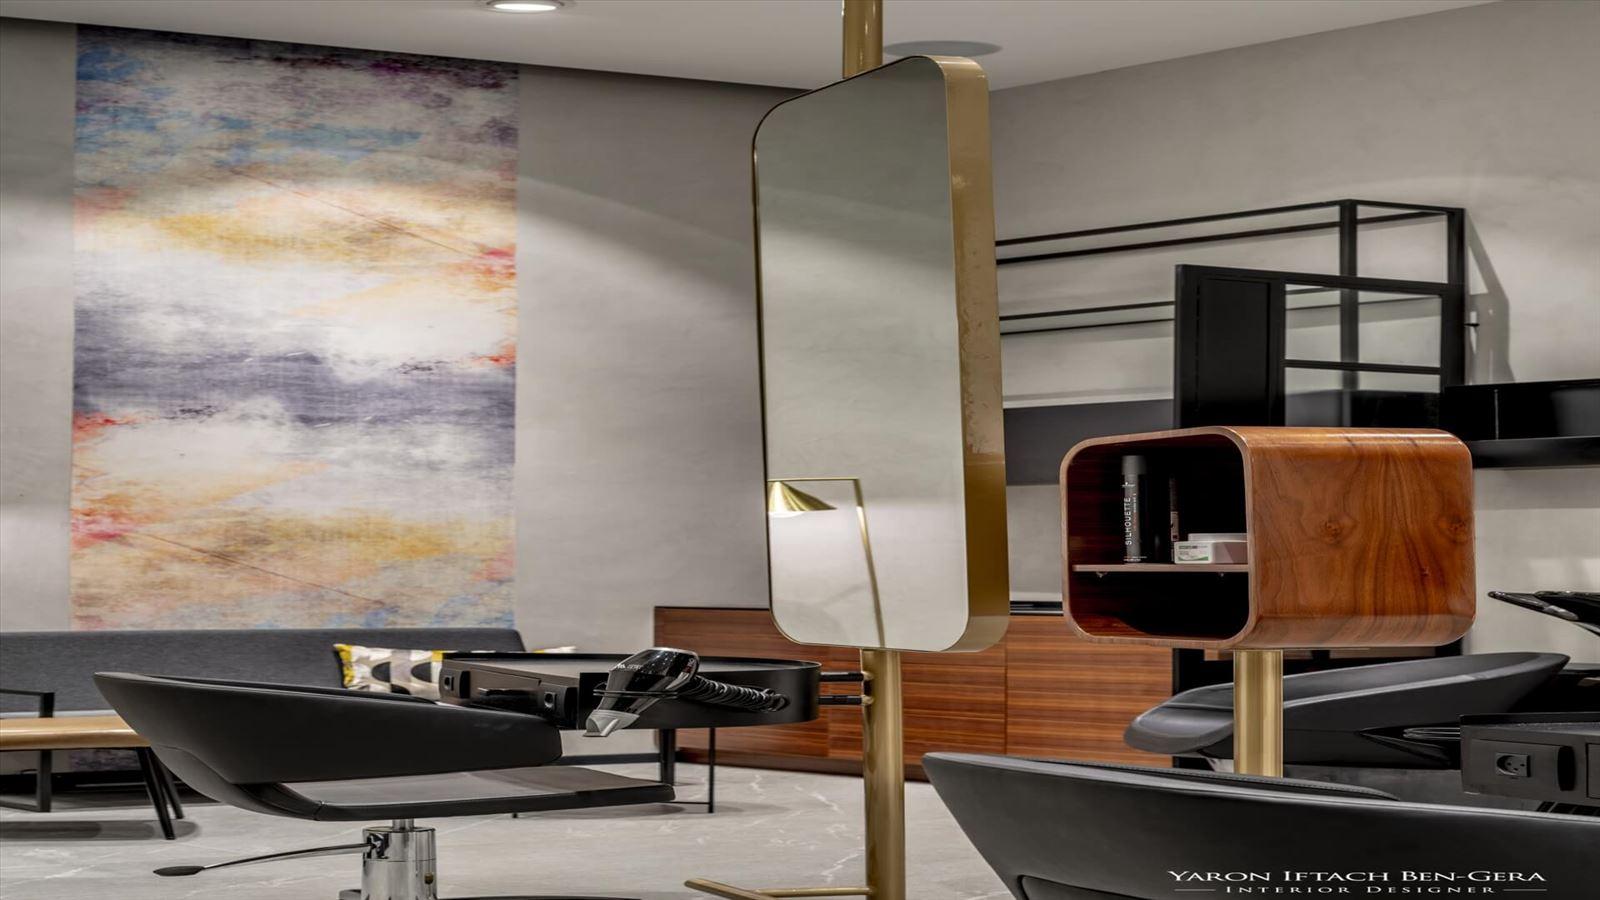 Boutique Hair Dressing Salon עיצוב תאורה אדריכלית במספרה על ידי קמחי תאורה